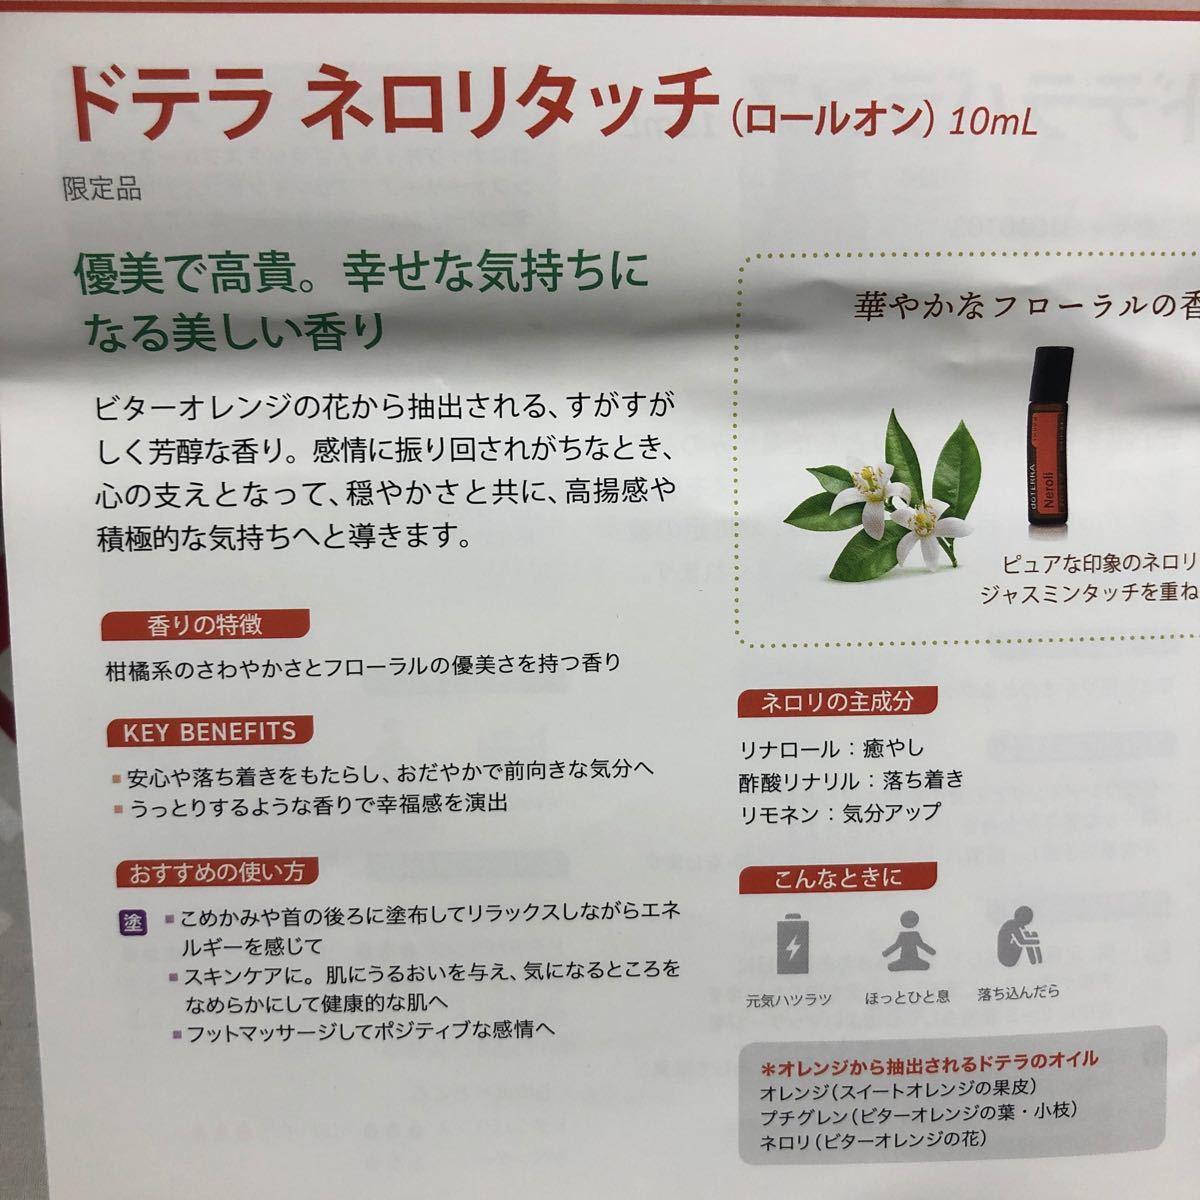 ドテラ 日本未発売 ネロリタッチ エッセンシャルオイル